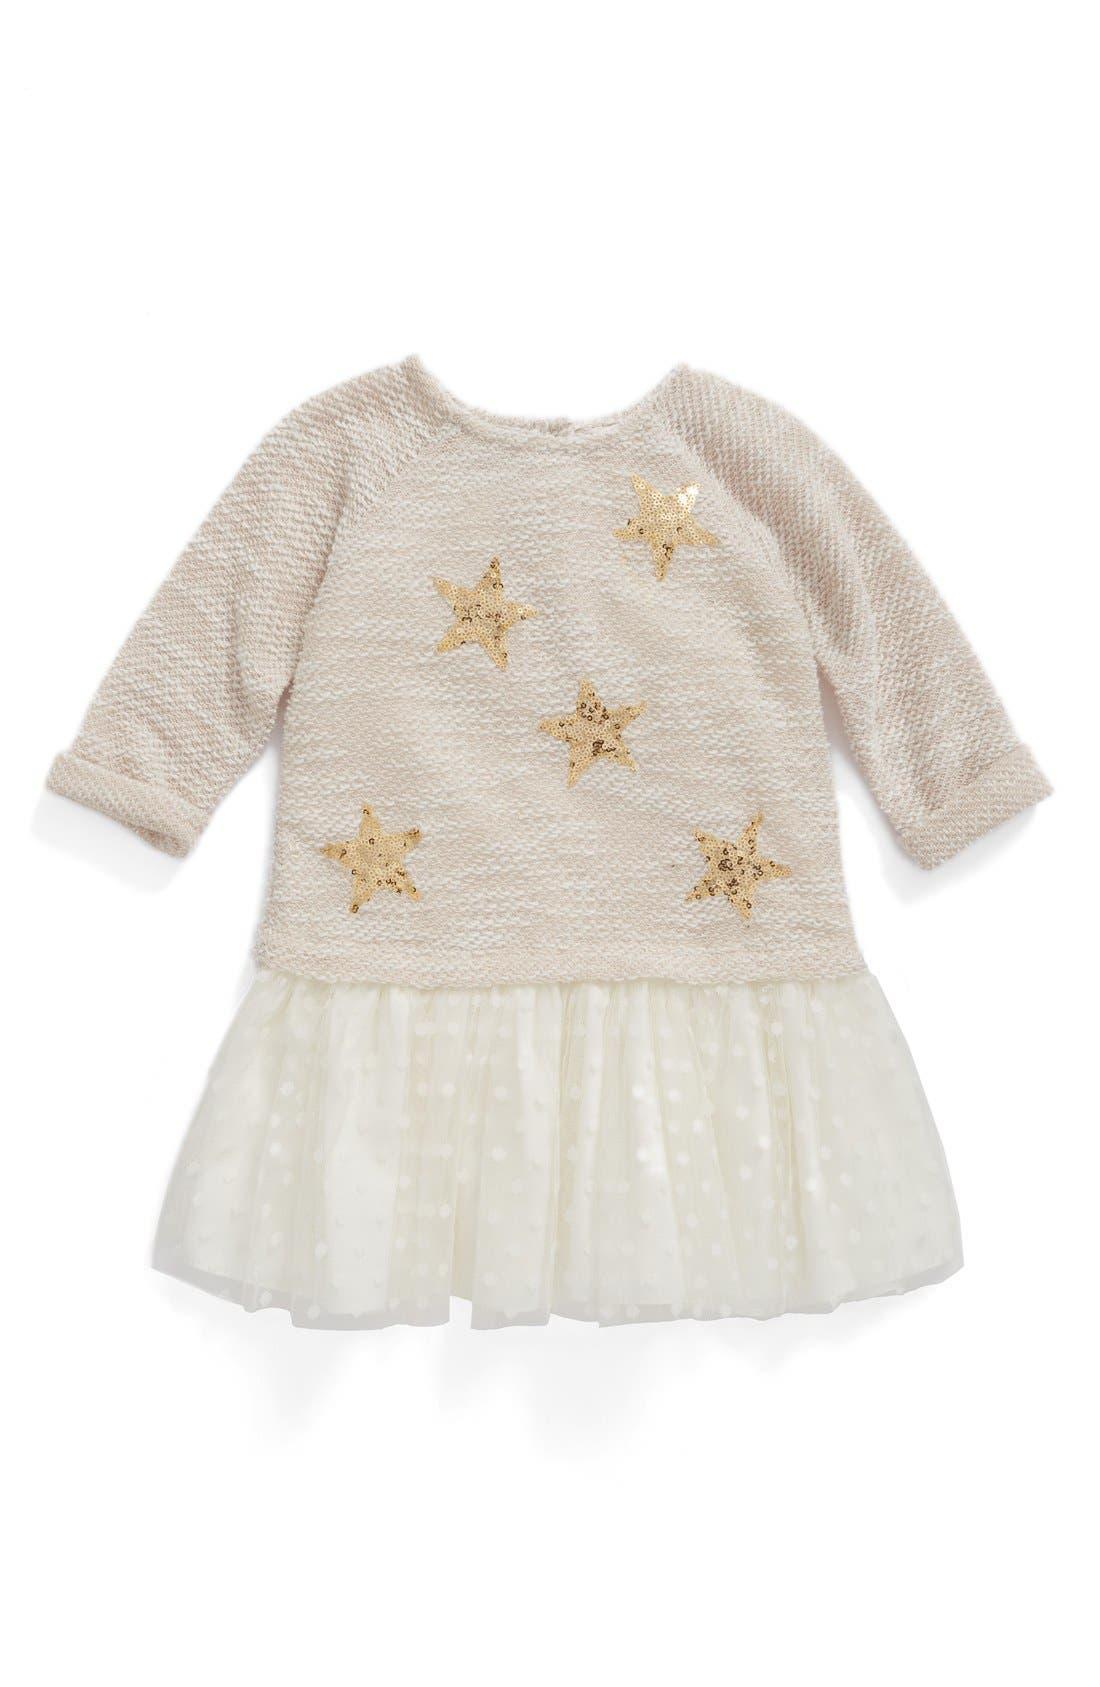 Main Image - Pippa & Julie Sequin Star Drop Waist Dress (Baby Girls)